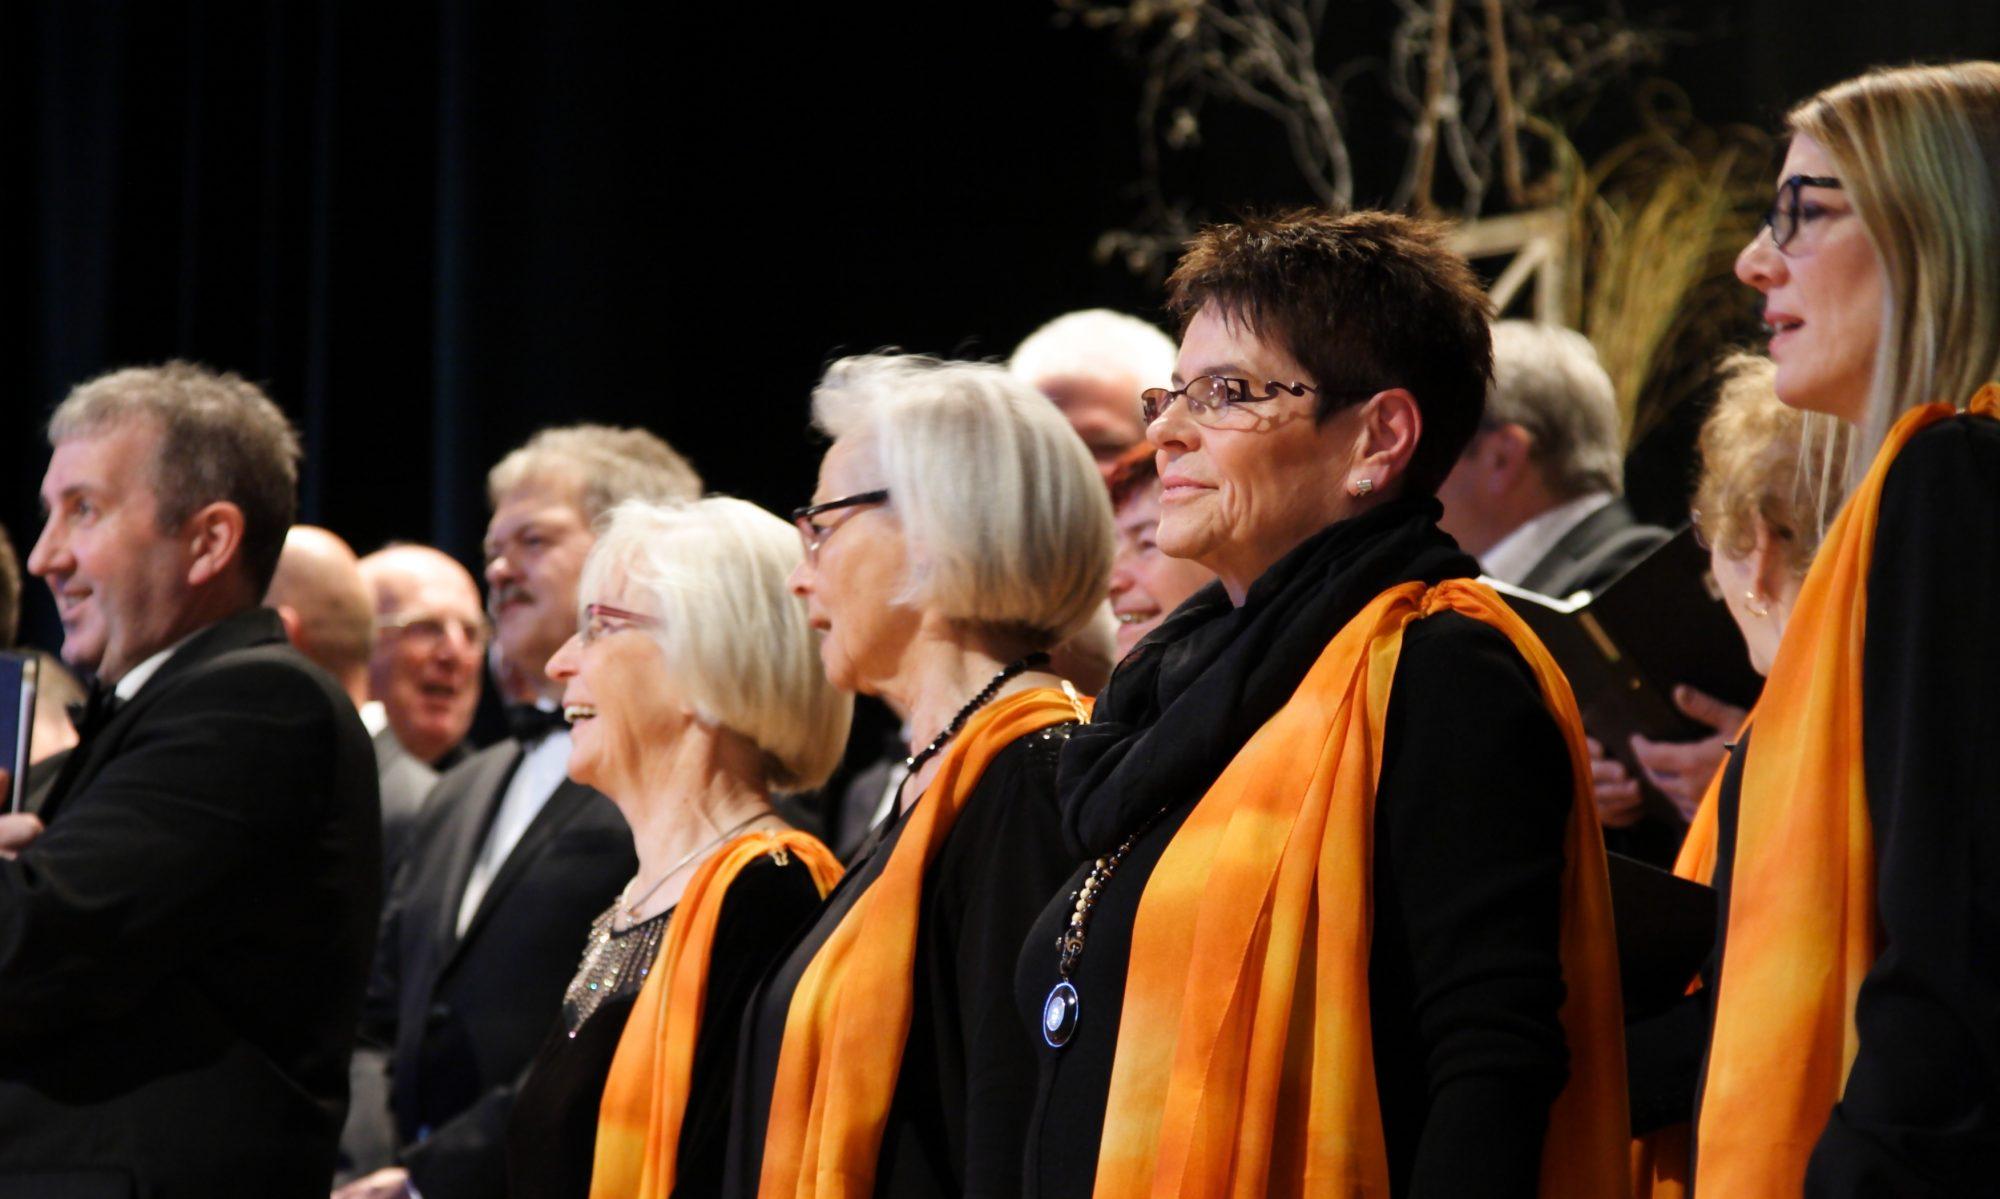 Chorgemeinschaft Windsberg e.V